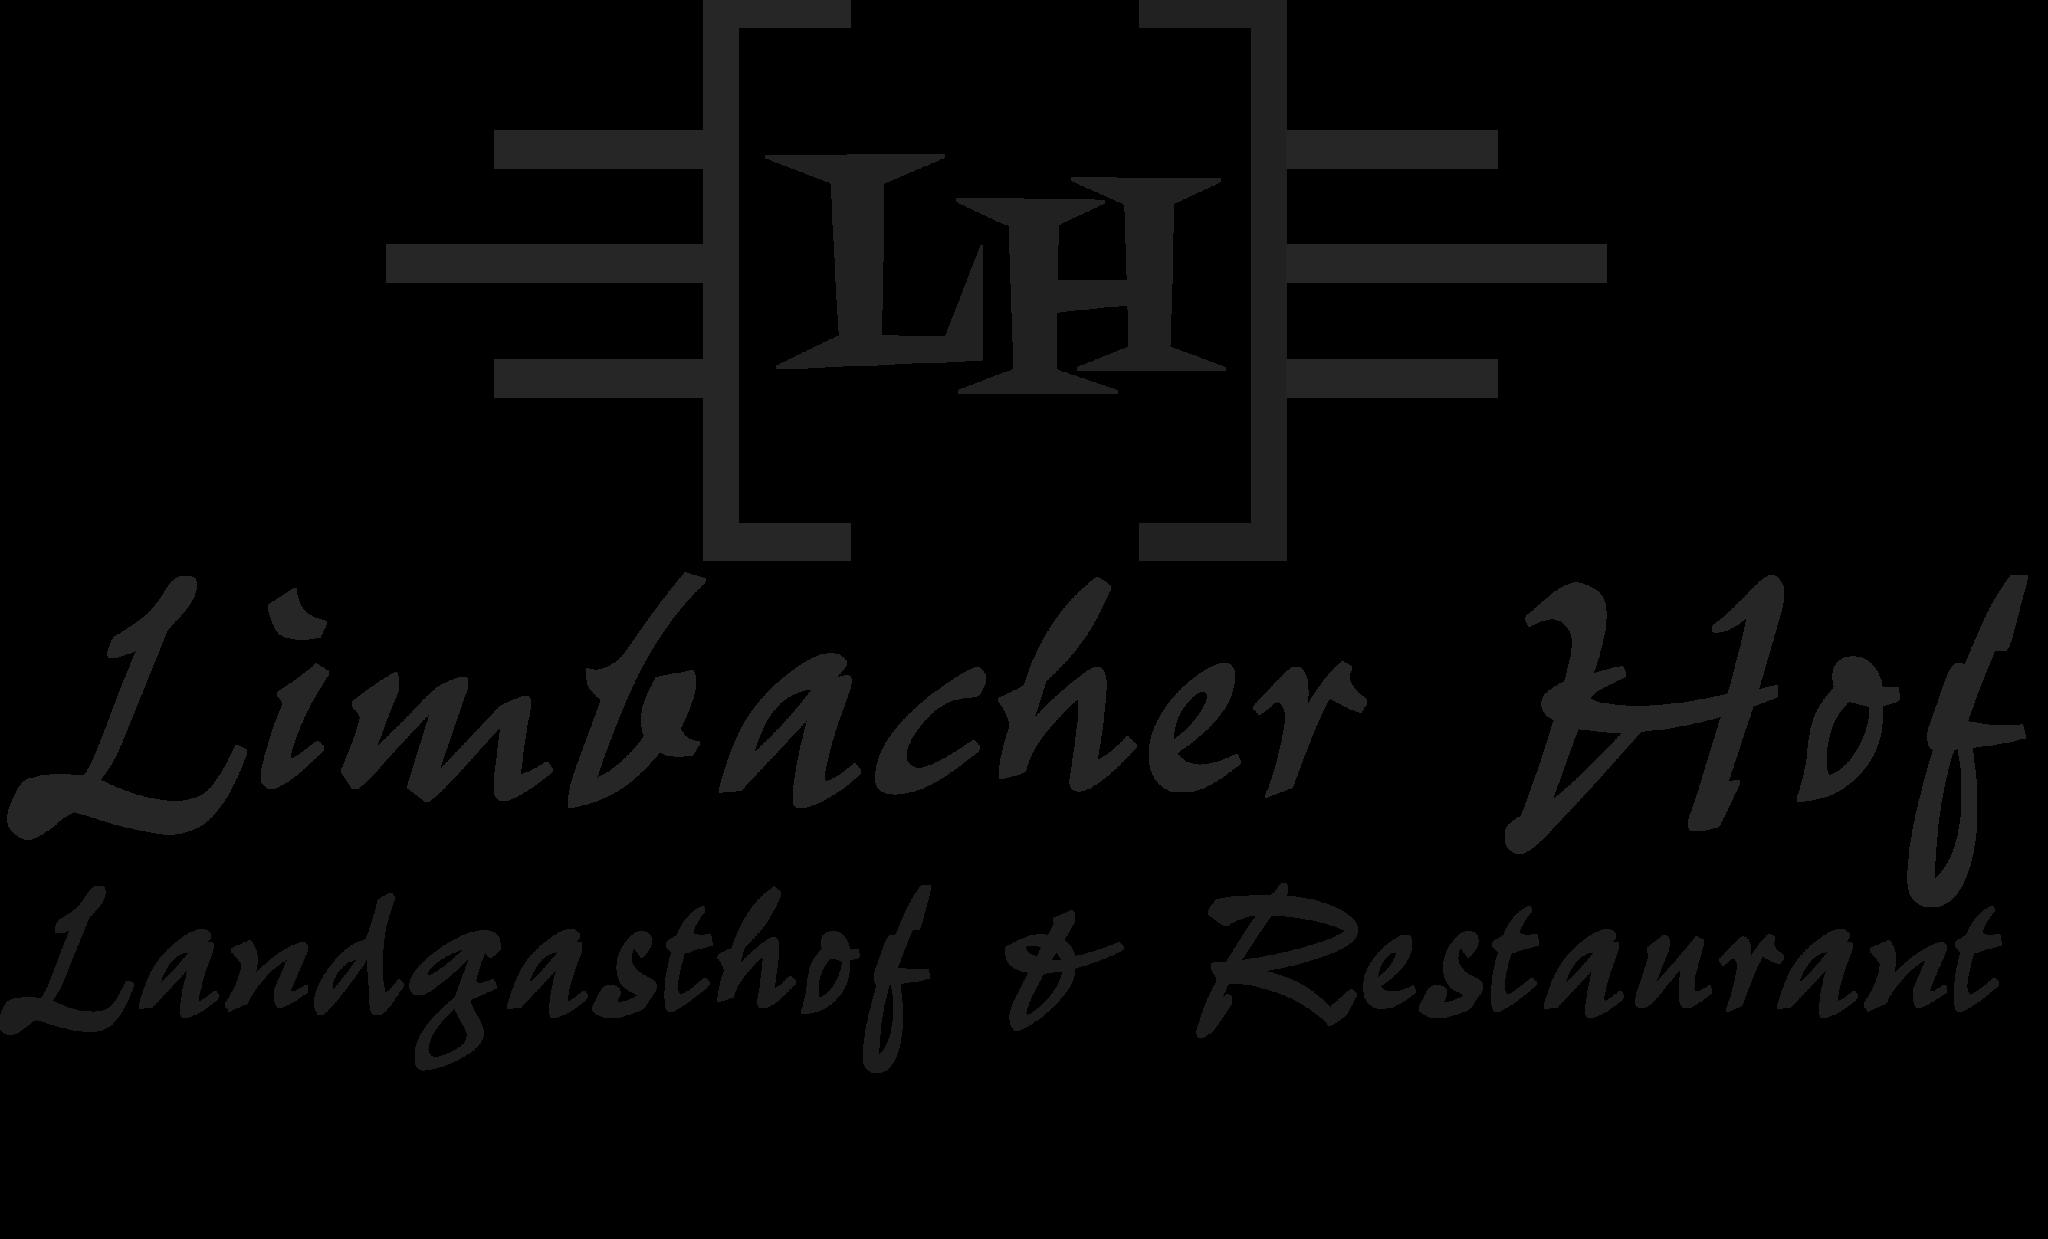 林巴契哈維蘭德加斯托夫餐廳酒店